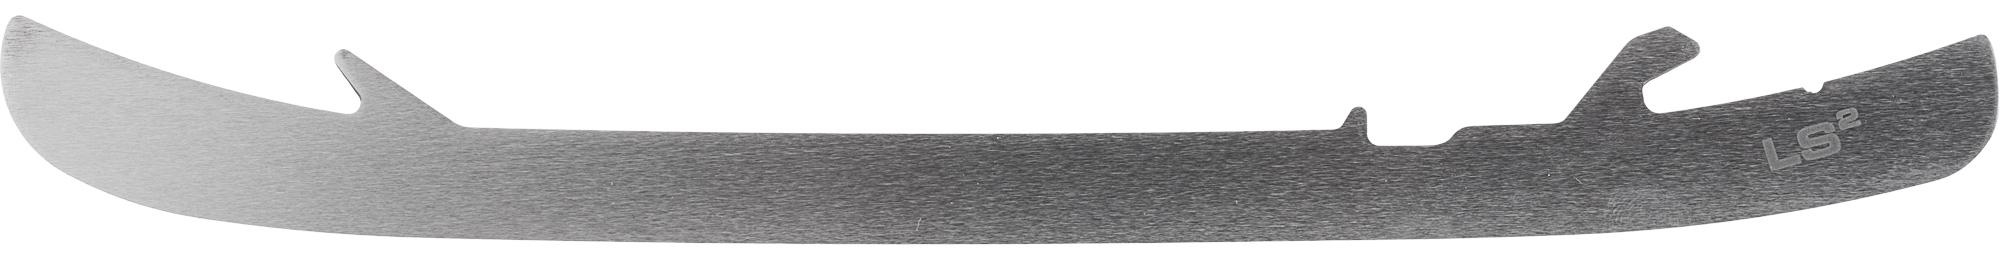 Bauer Лезвие для коньков Bauer TUUK LS2 Edge bauer чехлы для лезвий коньков bauer размер без размера